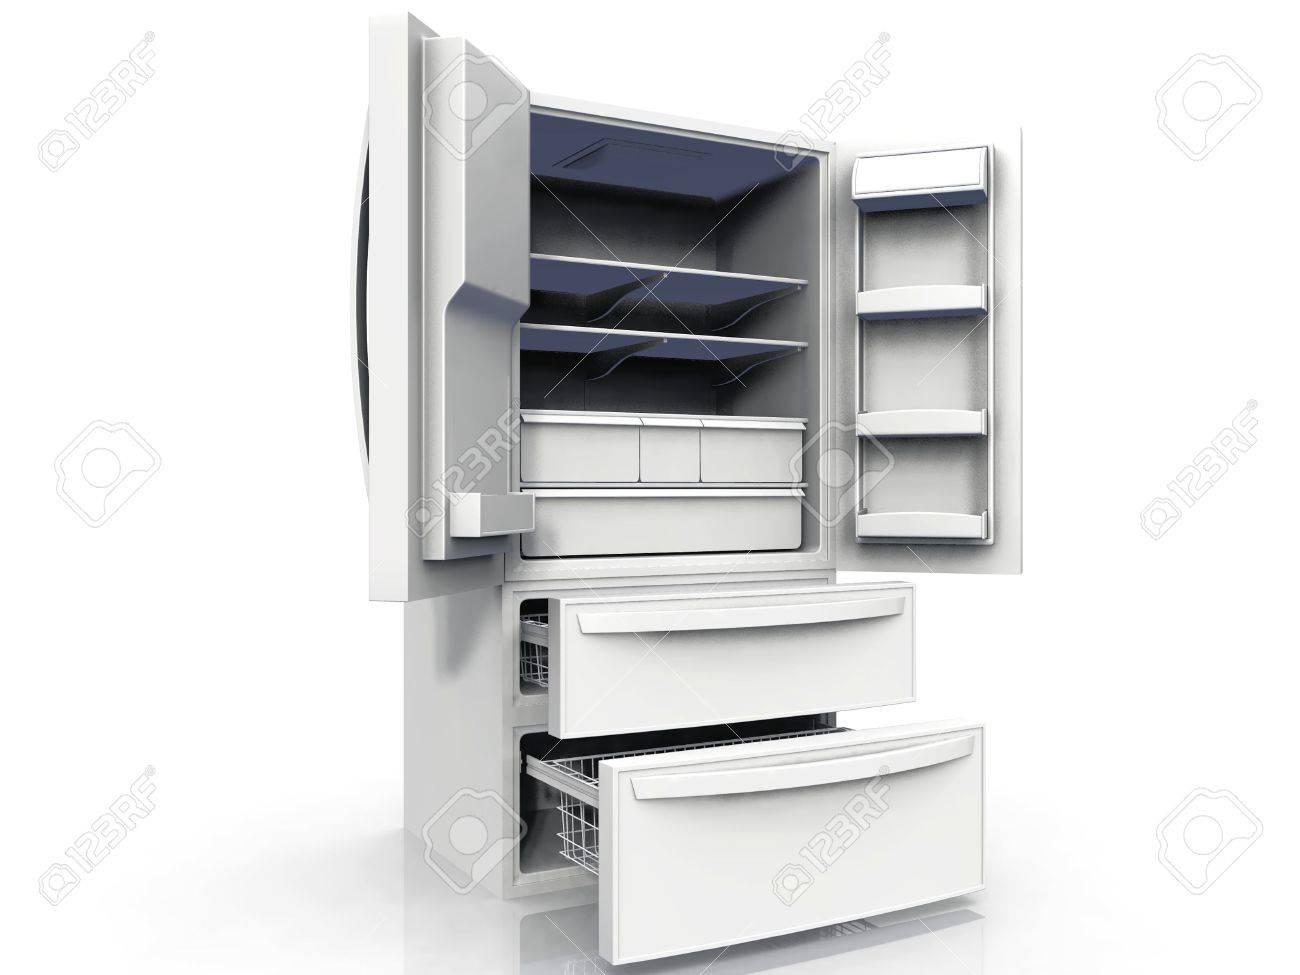 Amerikanischer Kühlschrank : Amerikanischer kühlschrank auf weißem hintergrund lizenzfreie